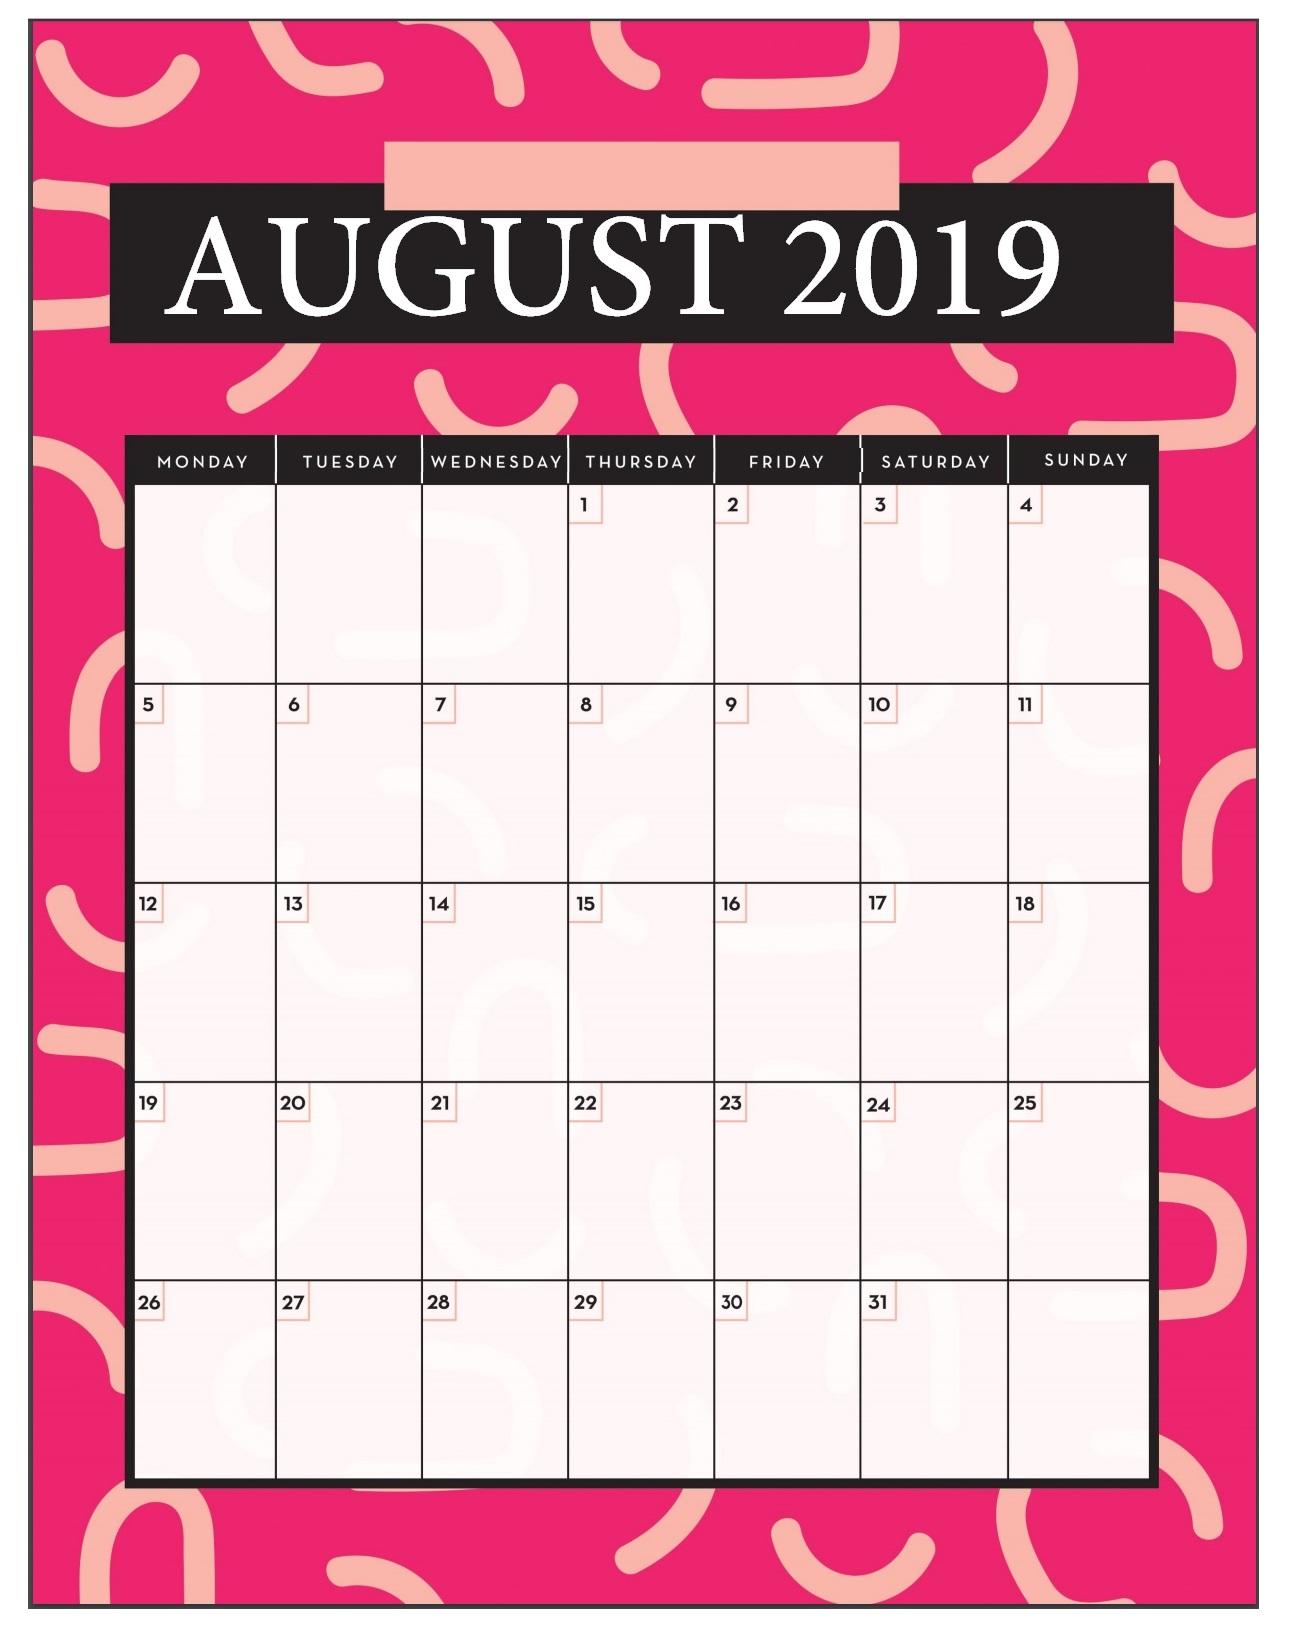 August 2019 Calendar For Desk